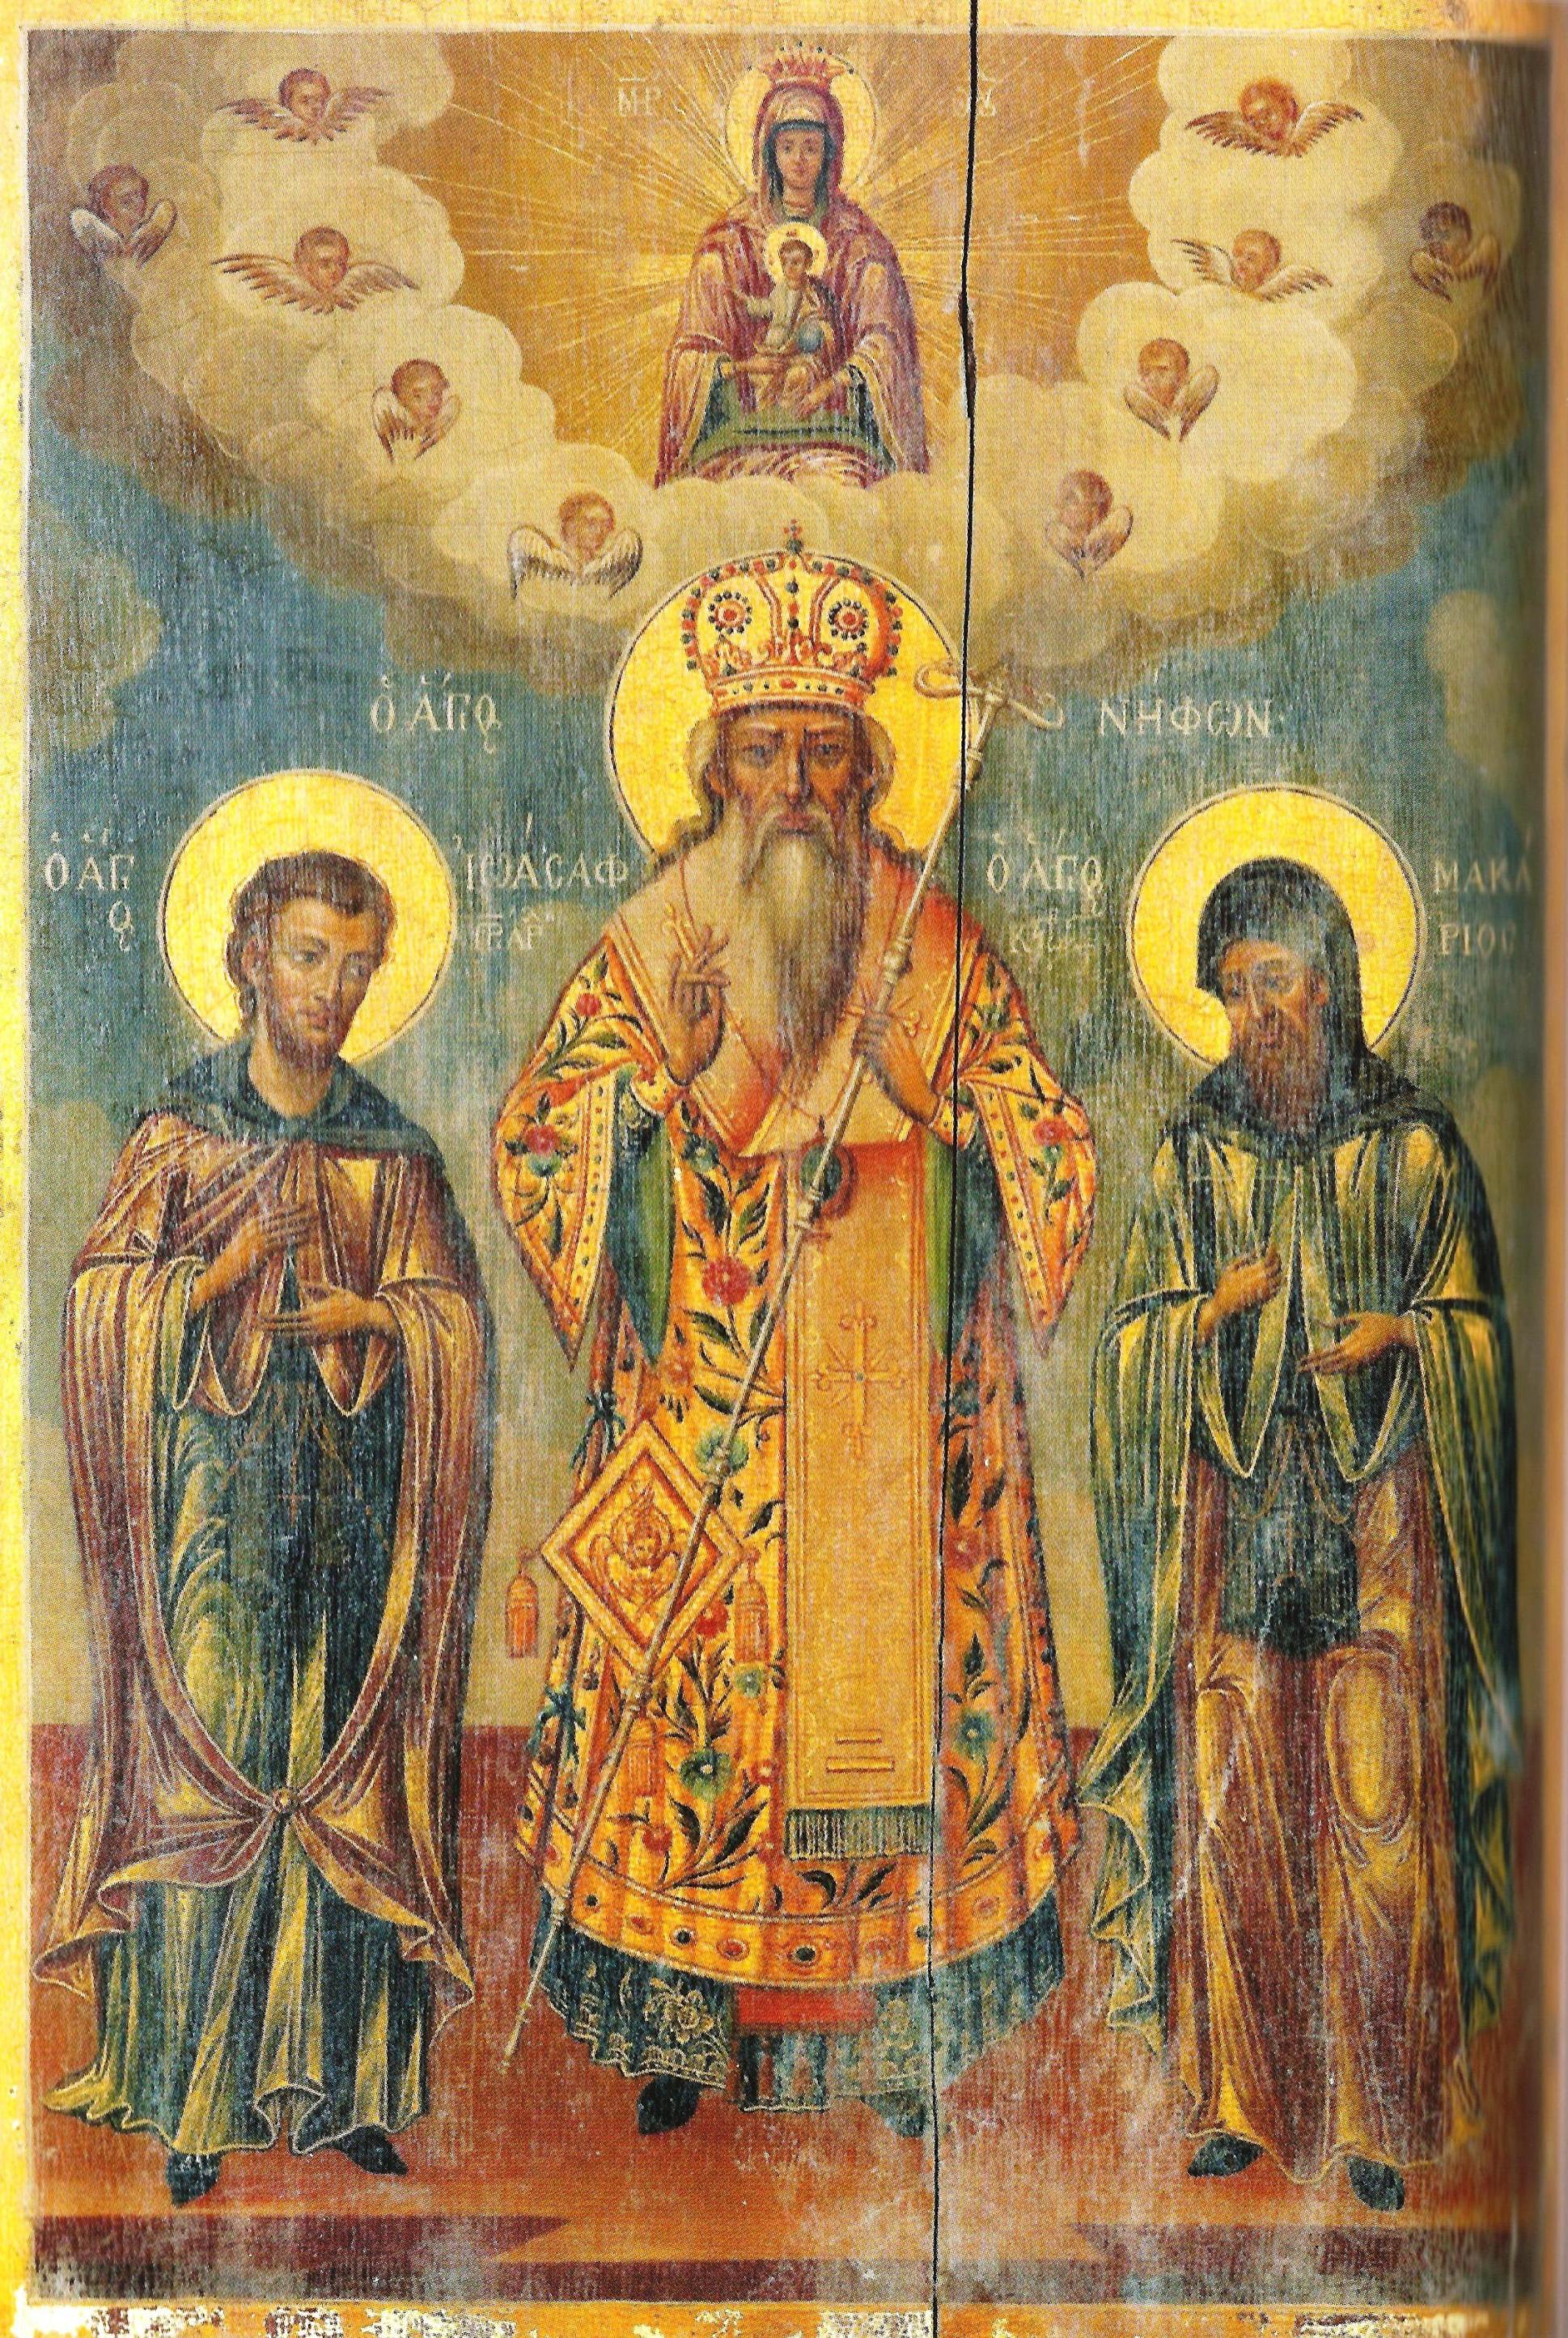 Ο άγιος Νήφων Οικουμενικός Πατριάρχης, και οι μαθητές του Ιωάσαφ και Μακάριος. Φορητή εικόνα 19ος αιώνας.